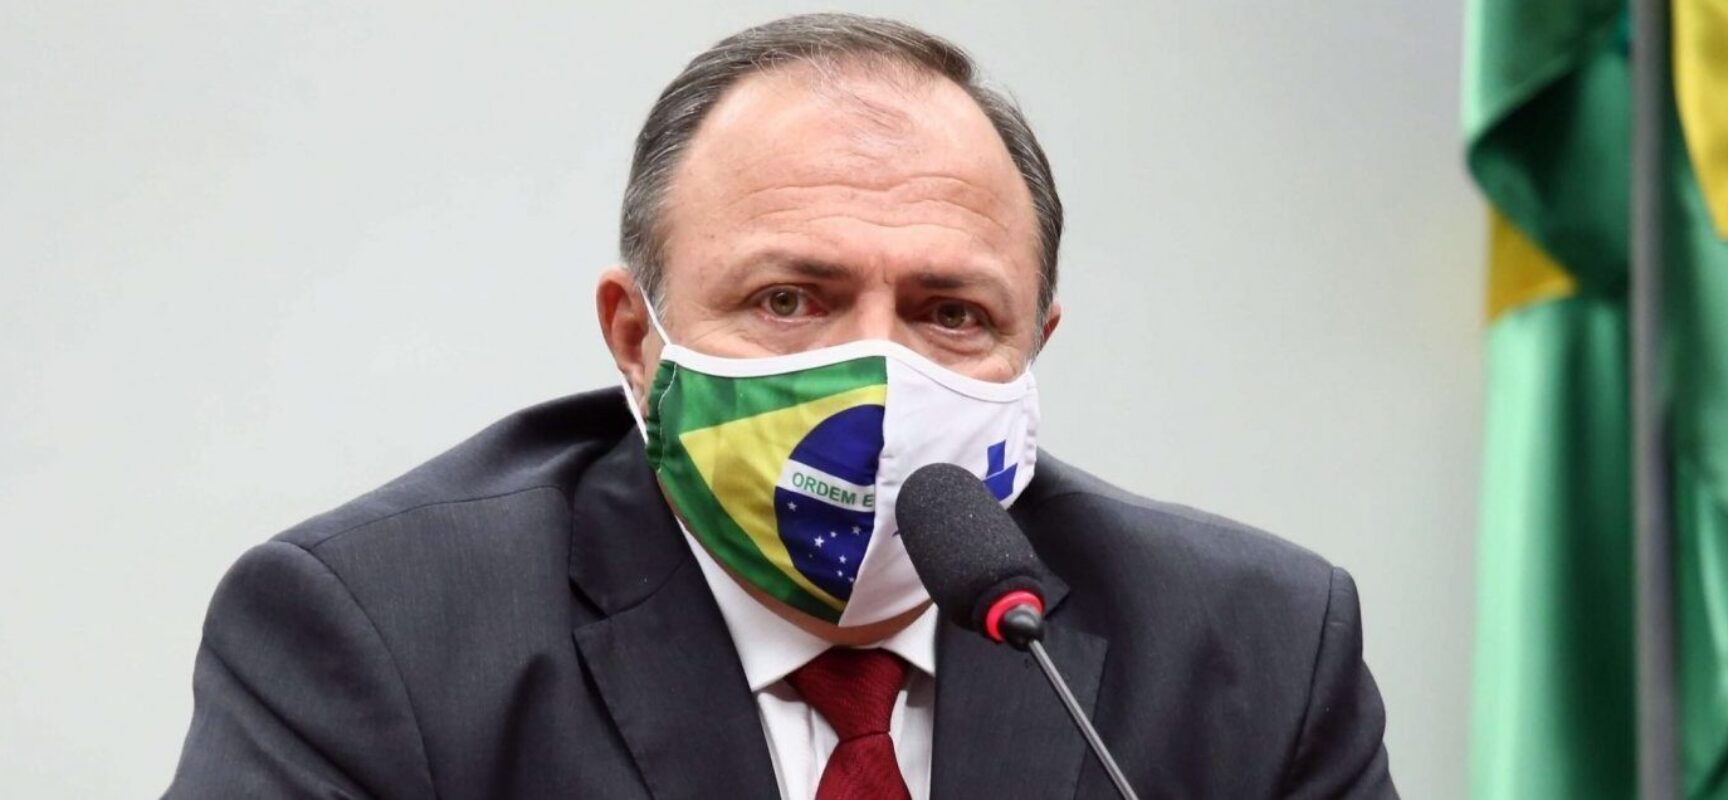 Pazuello negociou Coronavac com intermediária e pelo triplo do preço, diz jornal